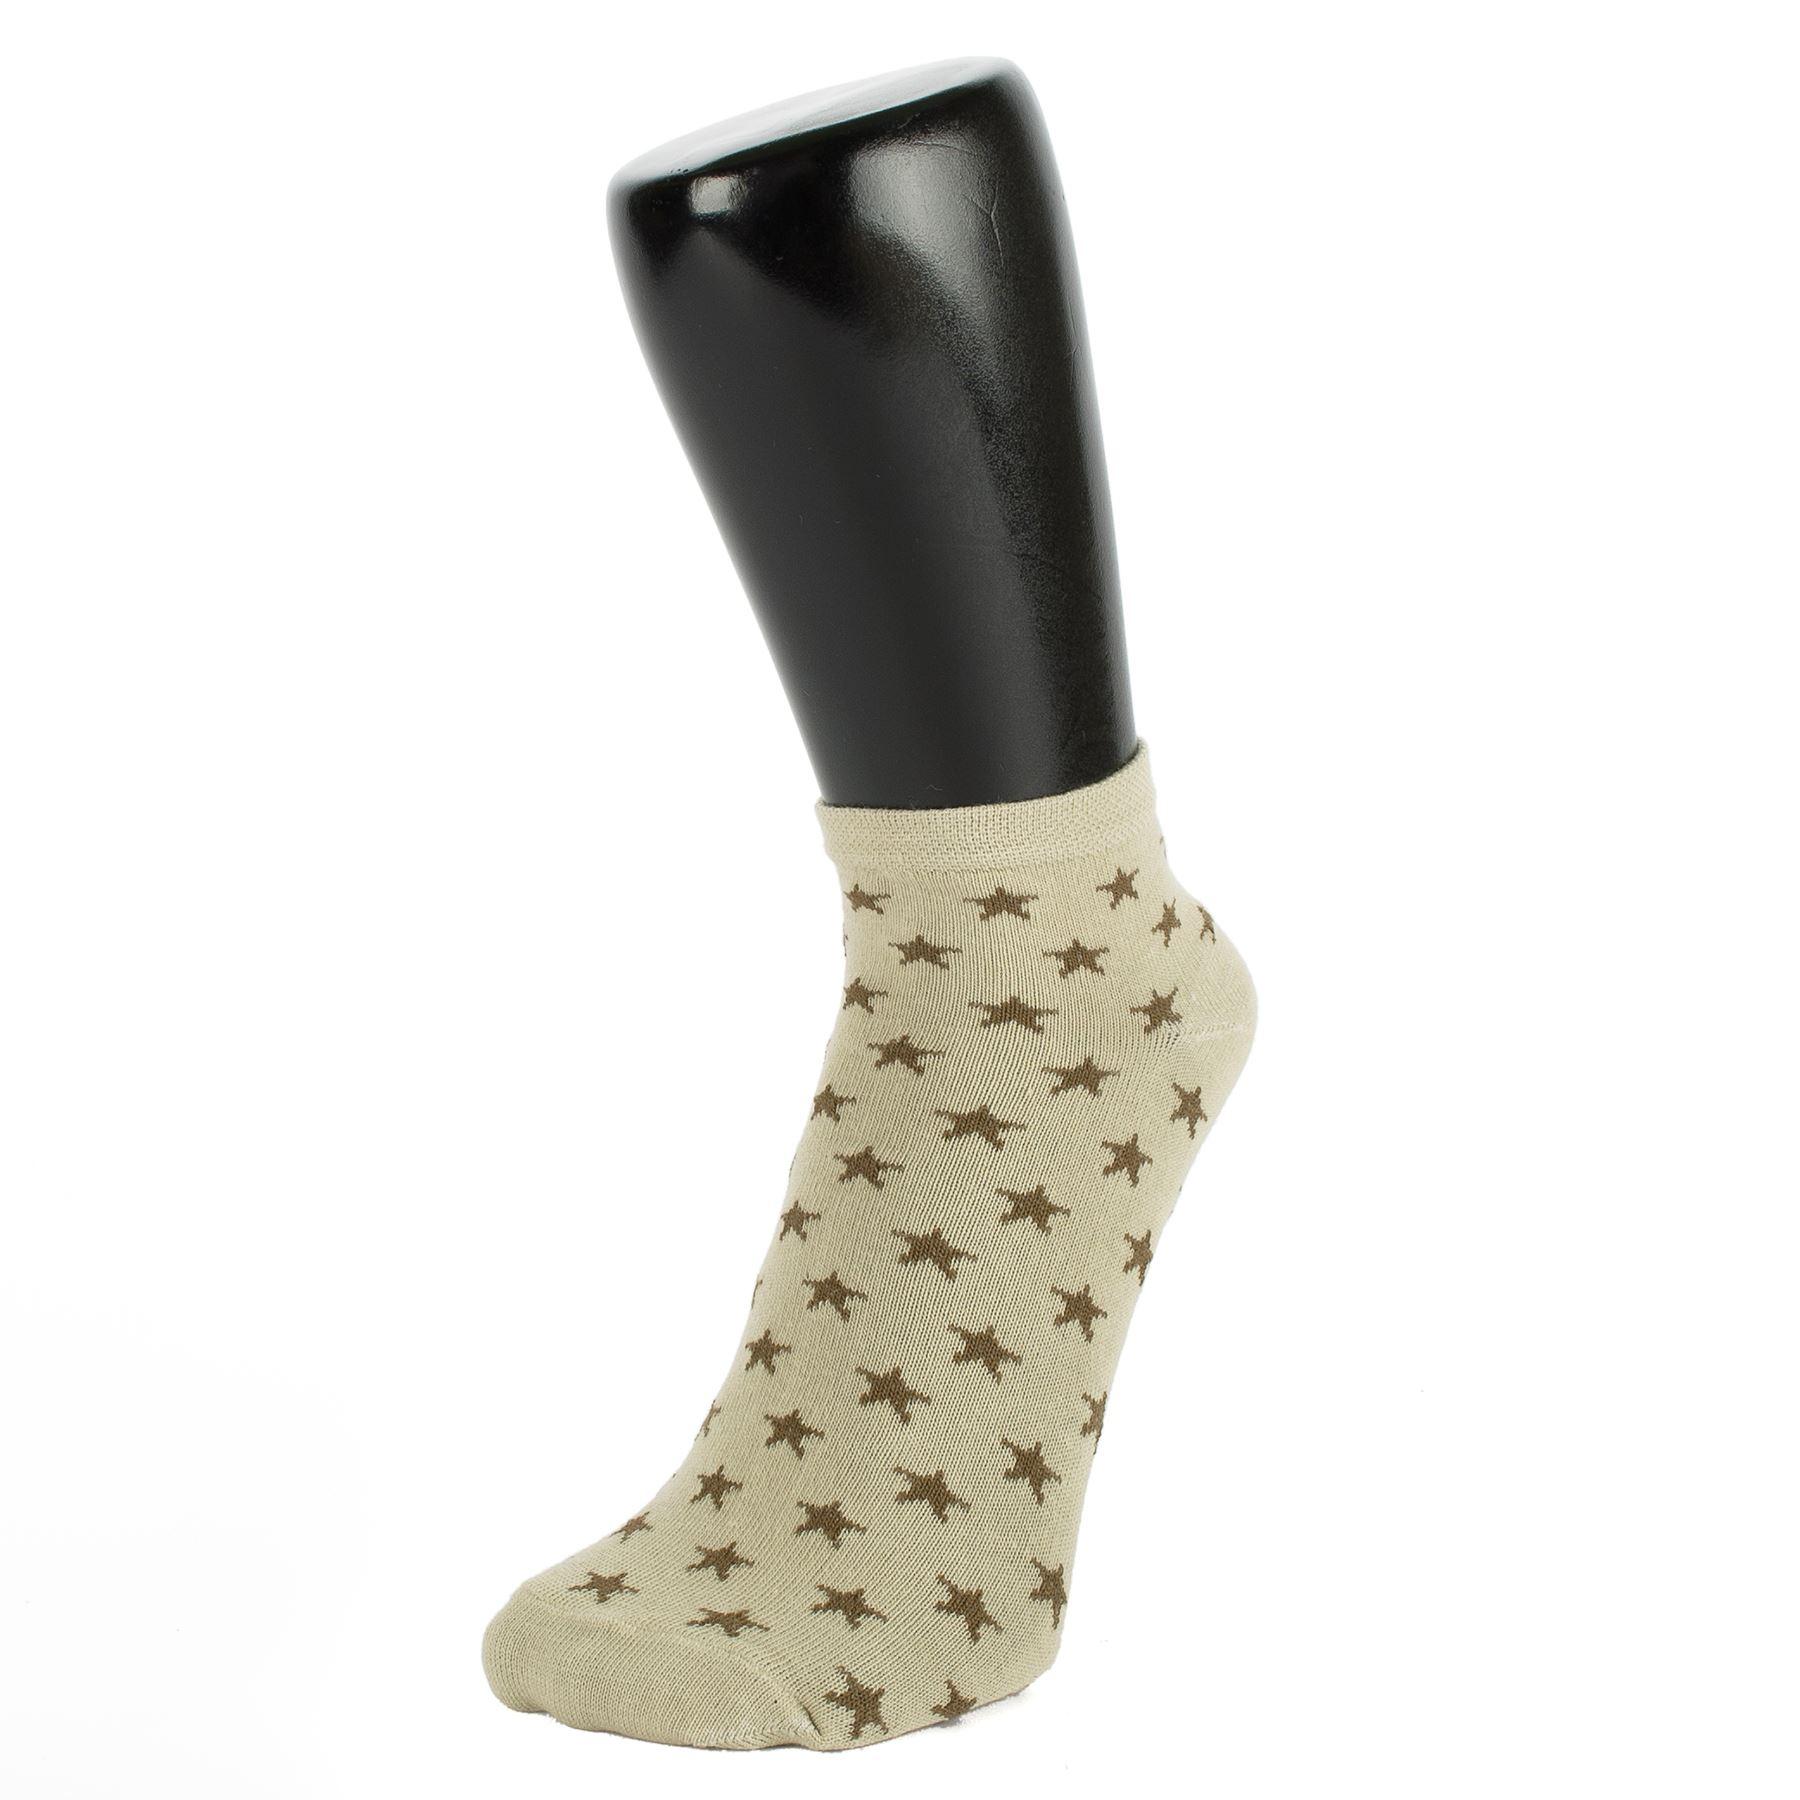 Chaussettes-de-sport-motif-etoiles-3-PACK